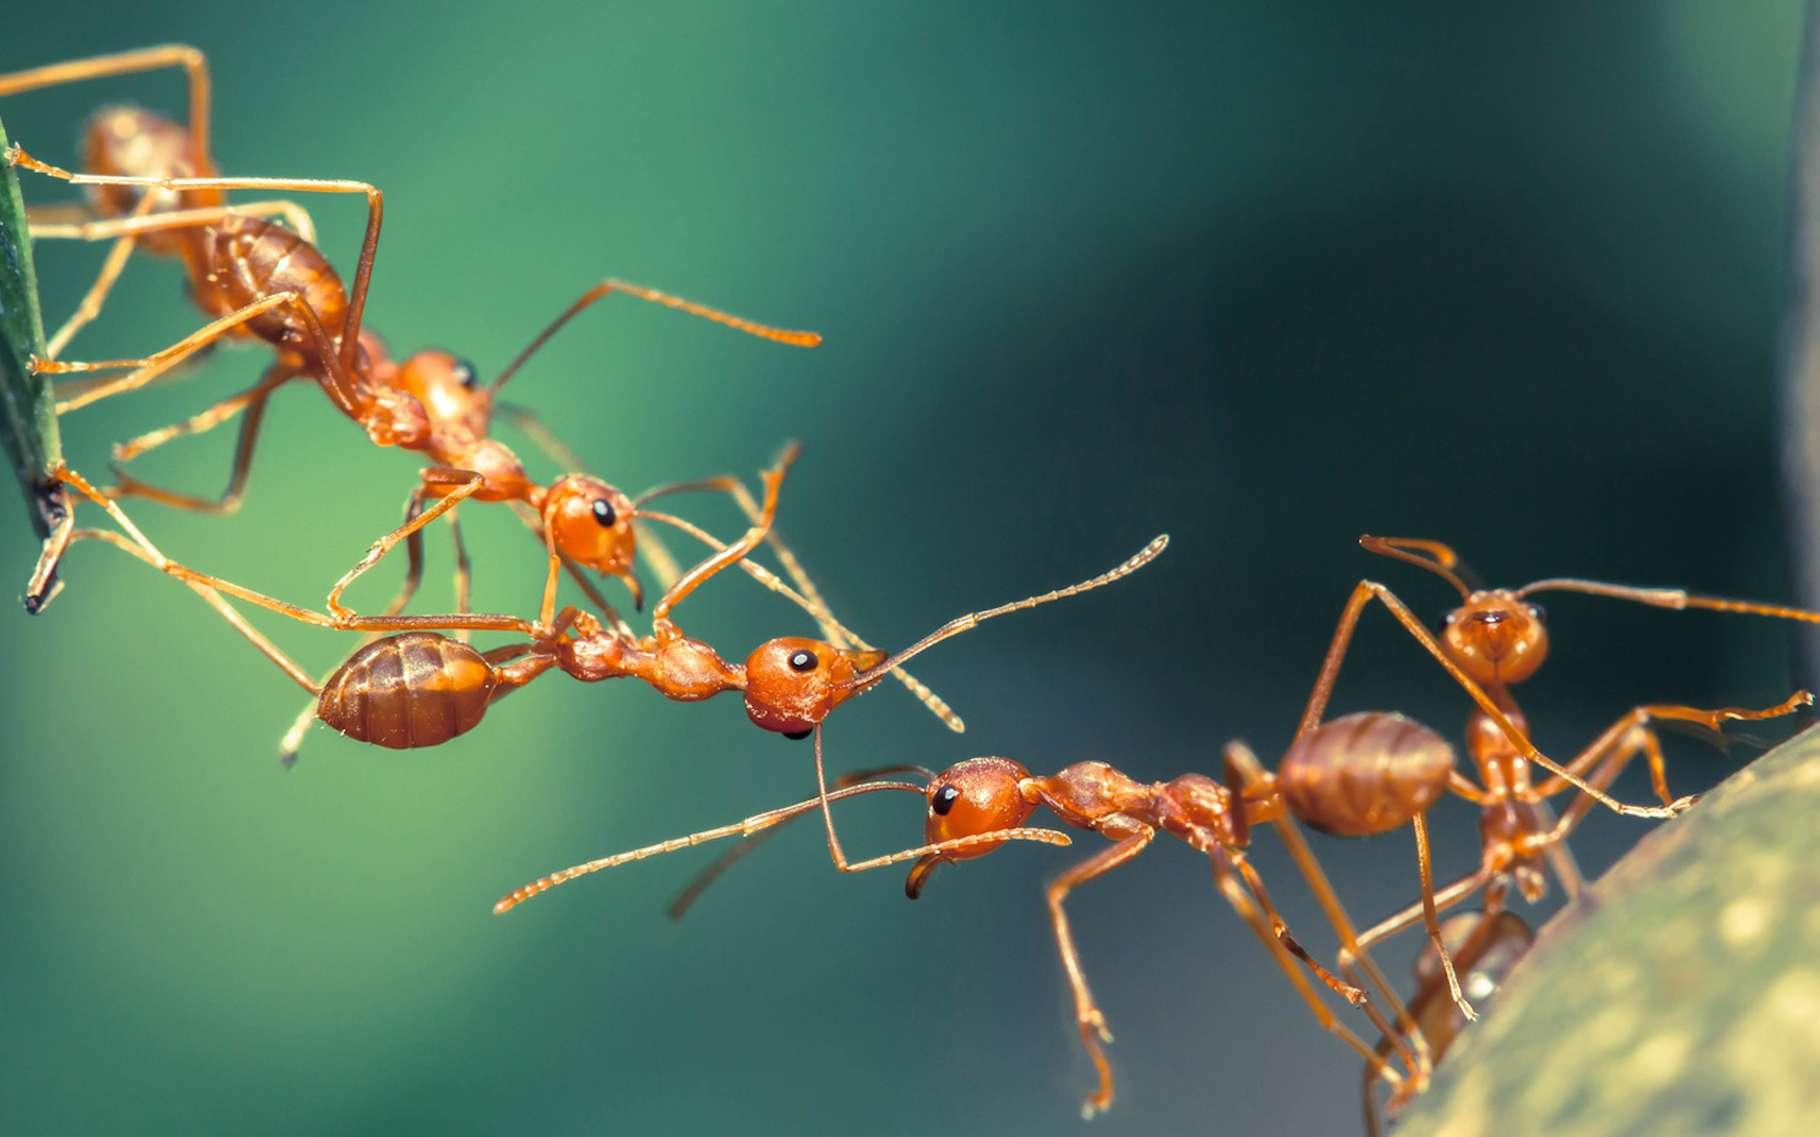 Des chercheurs se sont inspirés des ponts de fourmis pour imaginer un système de nanoparticules autoassemblables capables de réparer des circuits électriques. © lirtlon, Fotolia